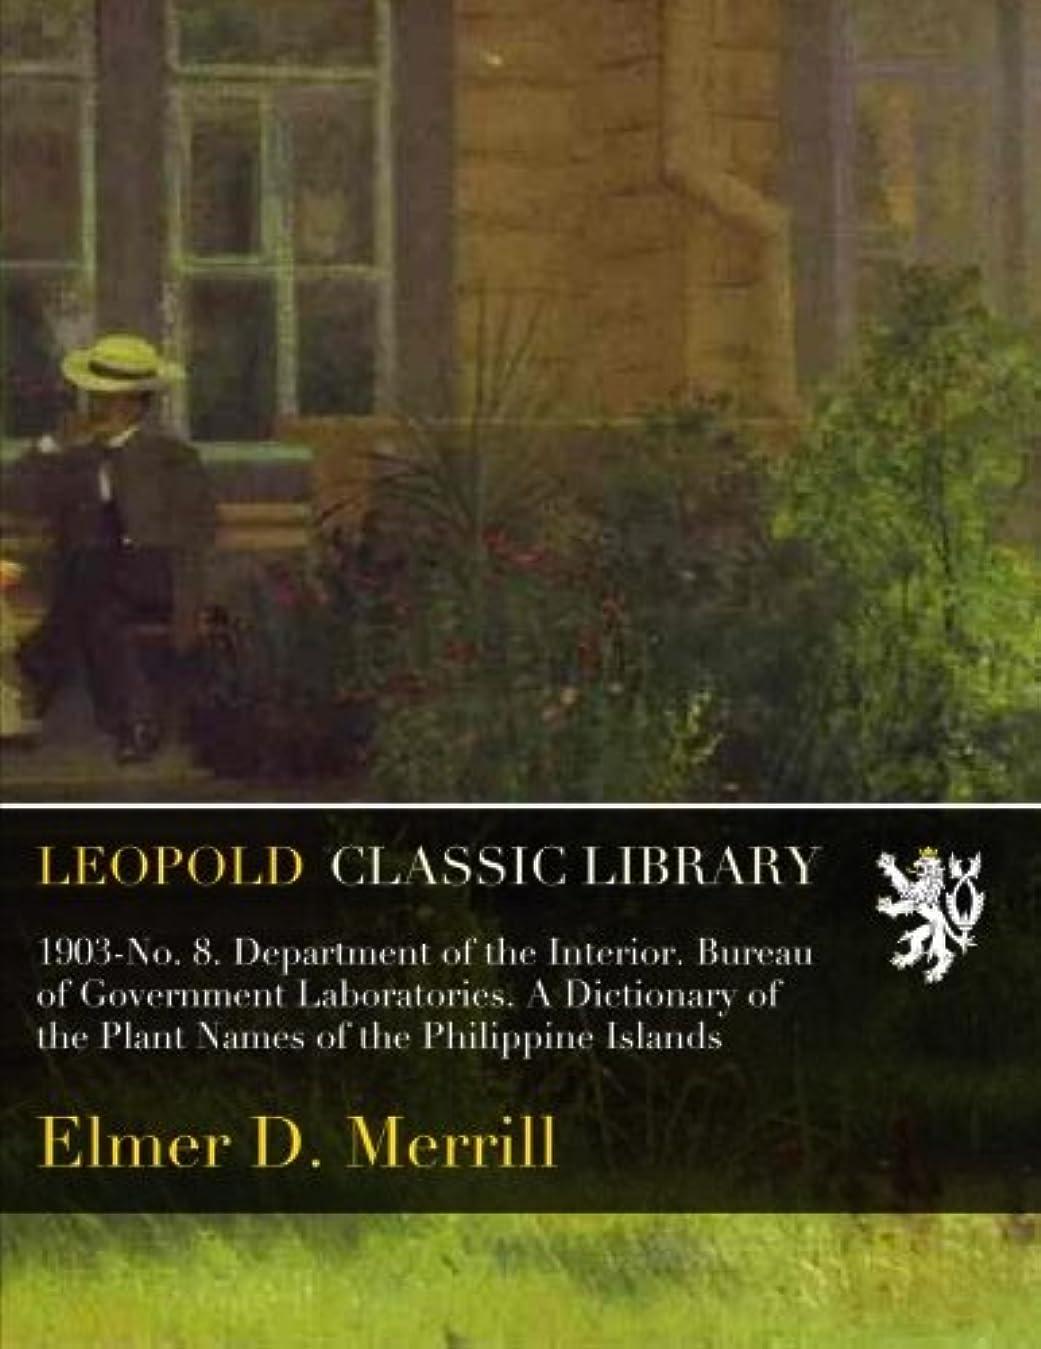 こしょうギター水没1903-No. 8. Department of the Interior. Bureau of Government Laboratories. A Dictionary of the Plant Names of the Philippine Islands